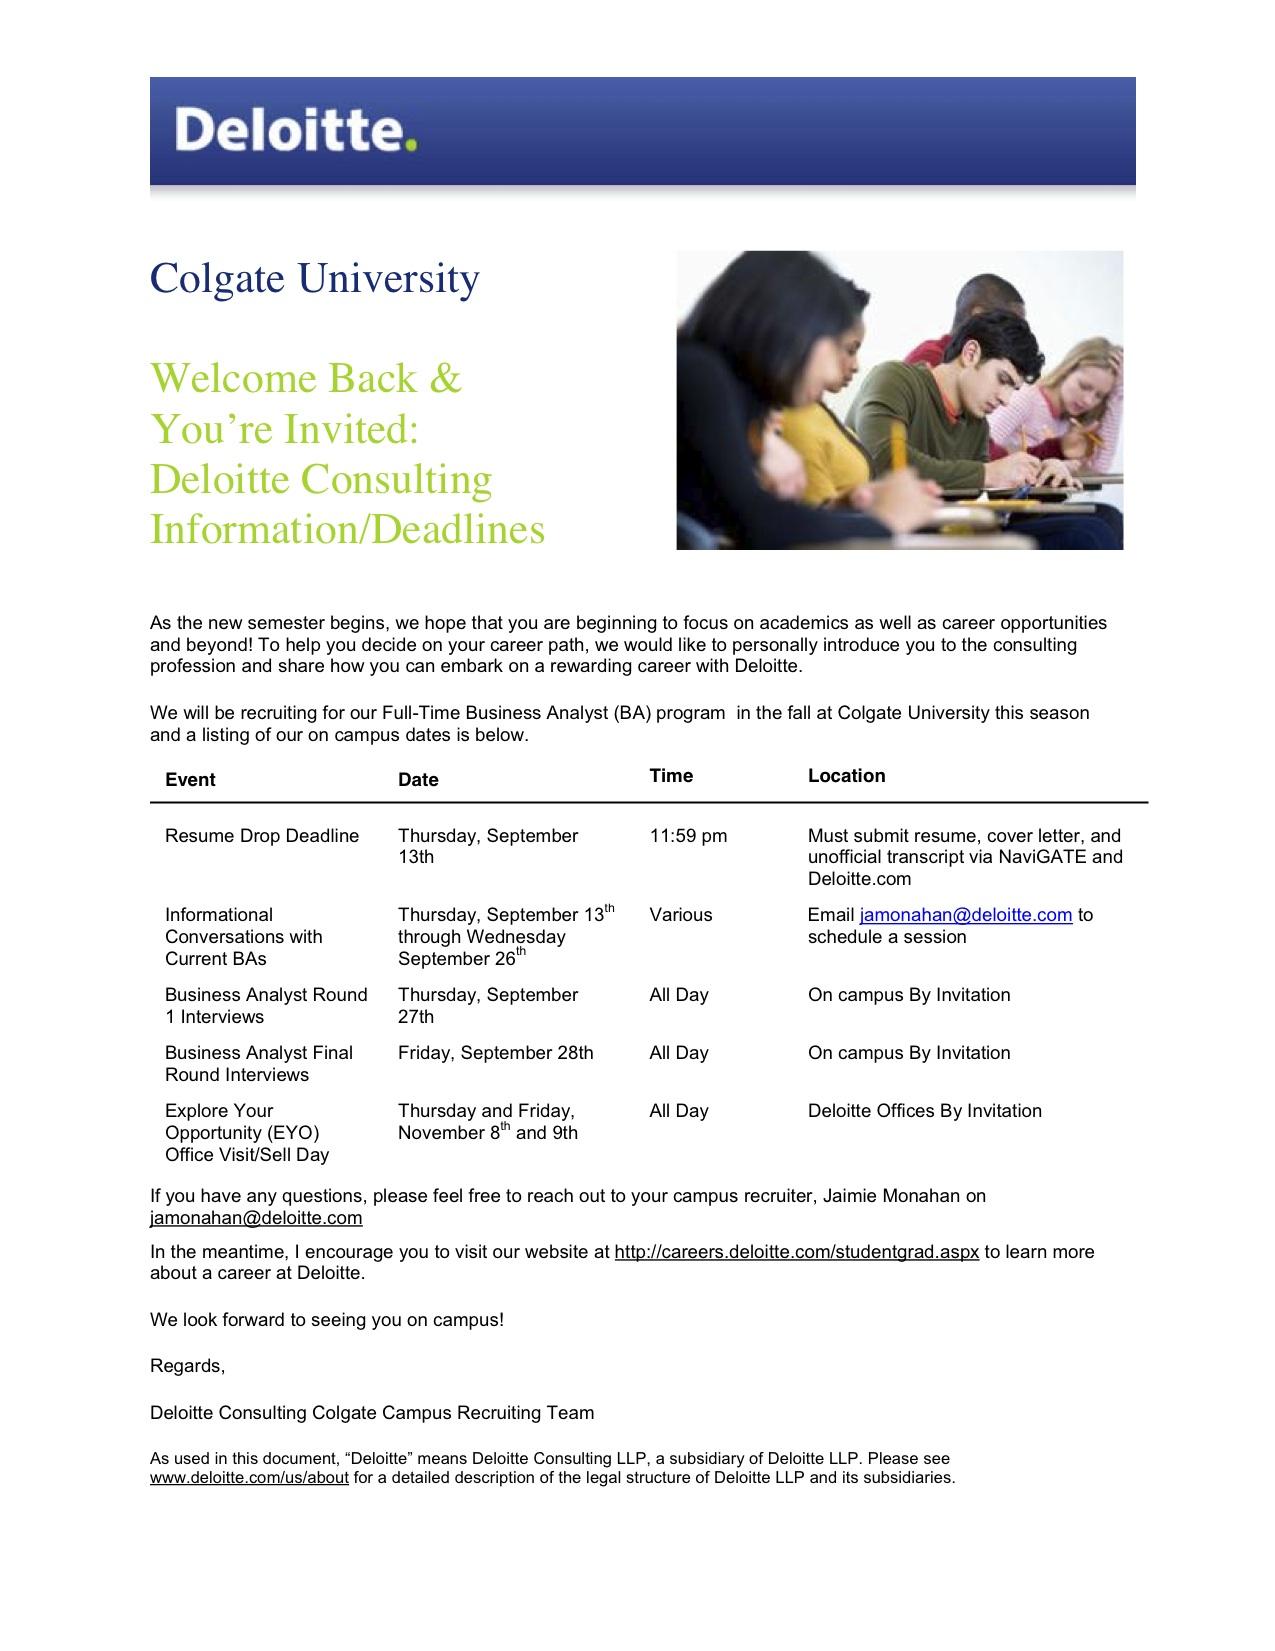 deloitte consulting deadline thursday september 13th